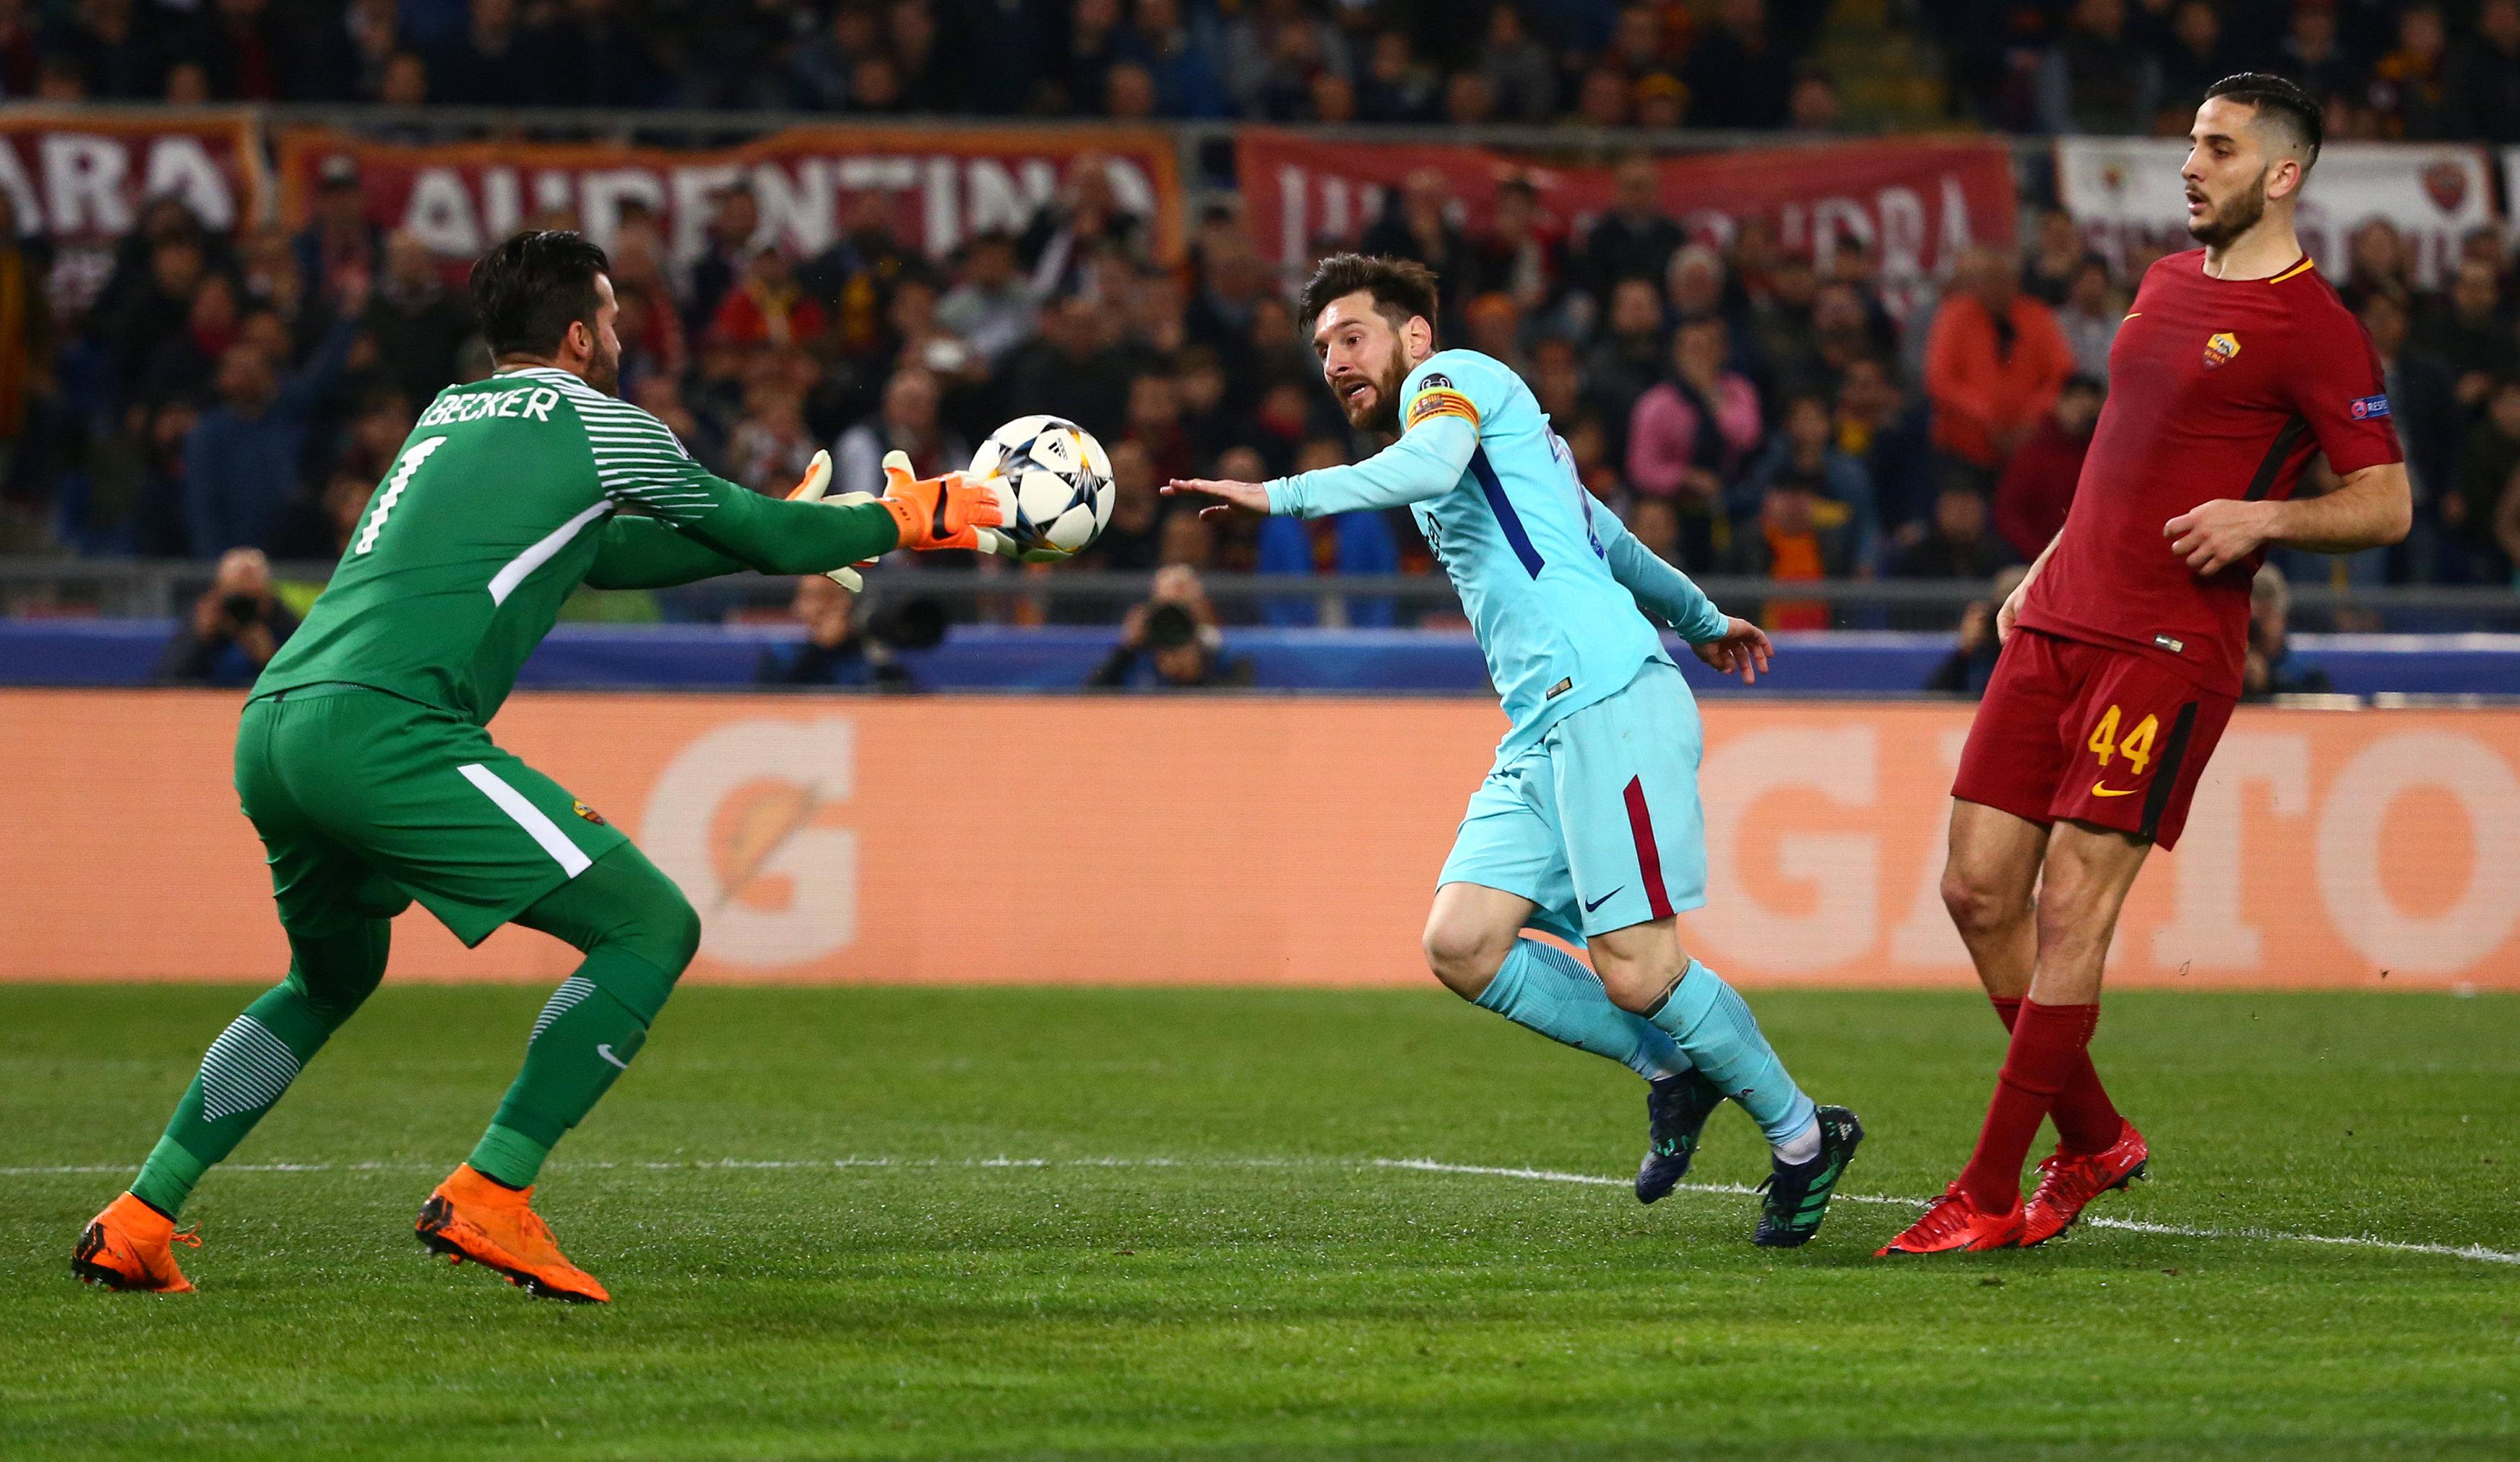 Một pha uy hiếp khung thành AS Roma của Messi (xanh). Ảnh: REUTERS